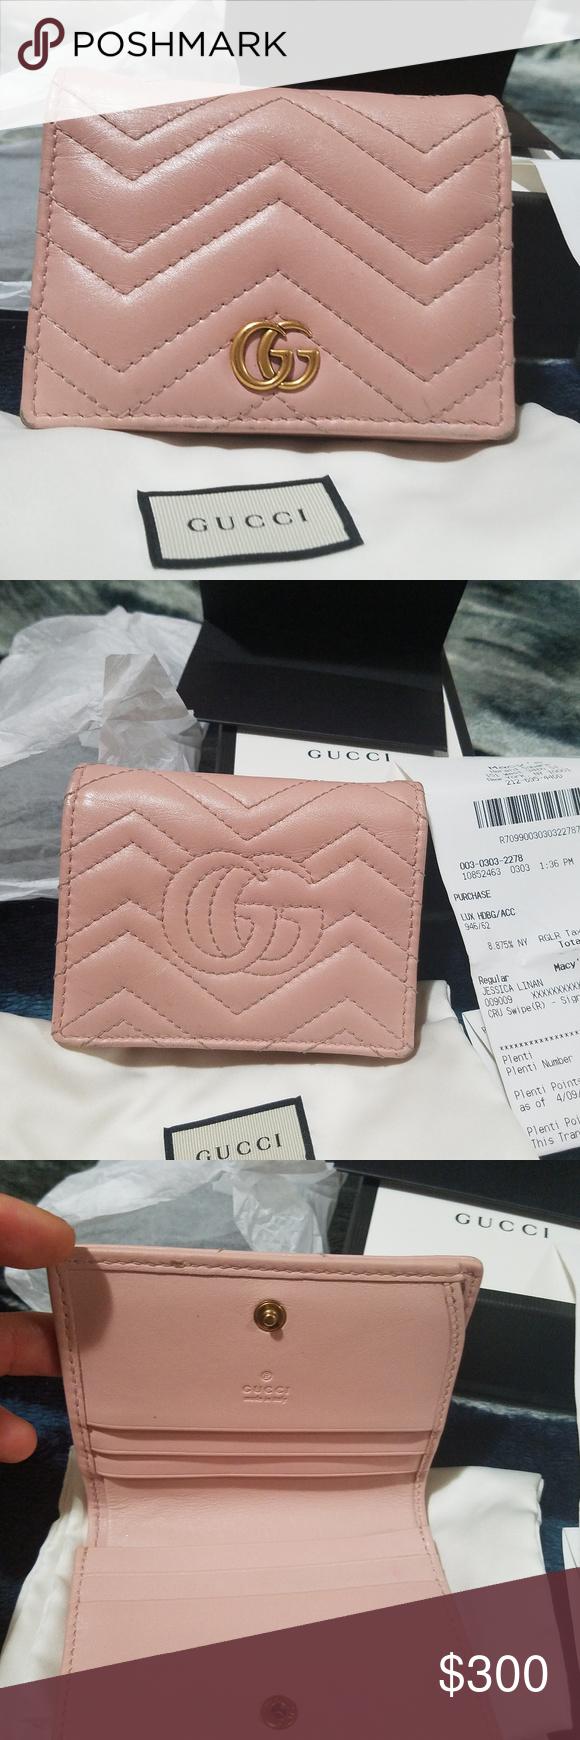 big sale 6d846 d95b7 GG marmont card holder wallet light pink versatile small cardholder ...